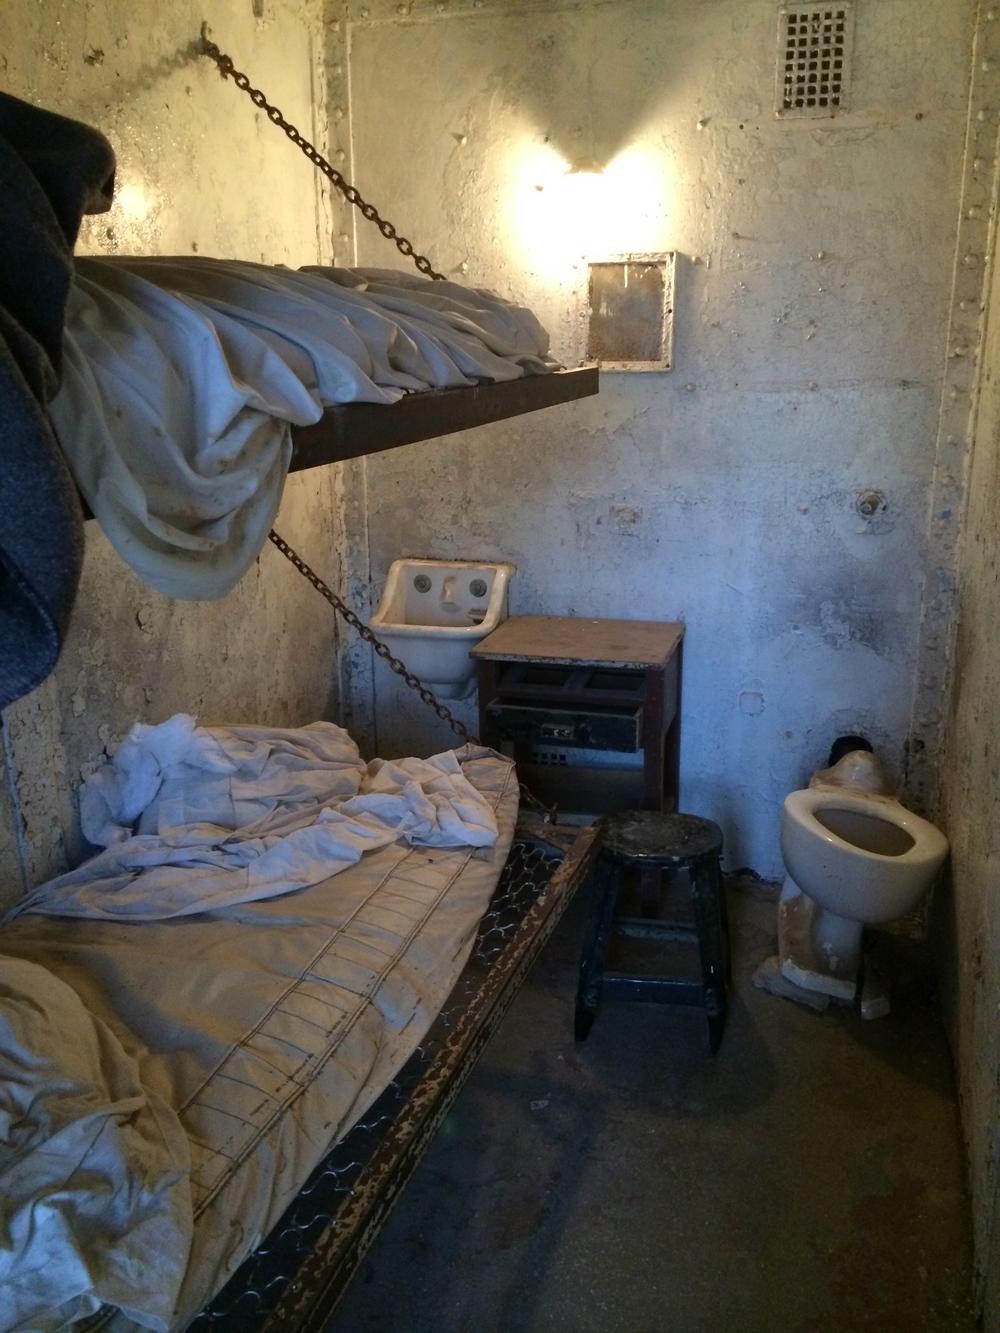 19 - inside cell.jpg